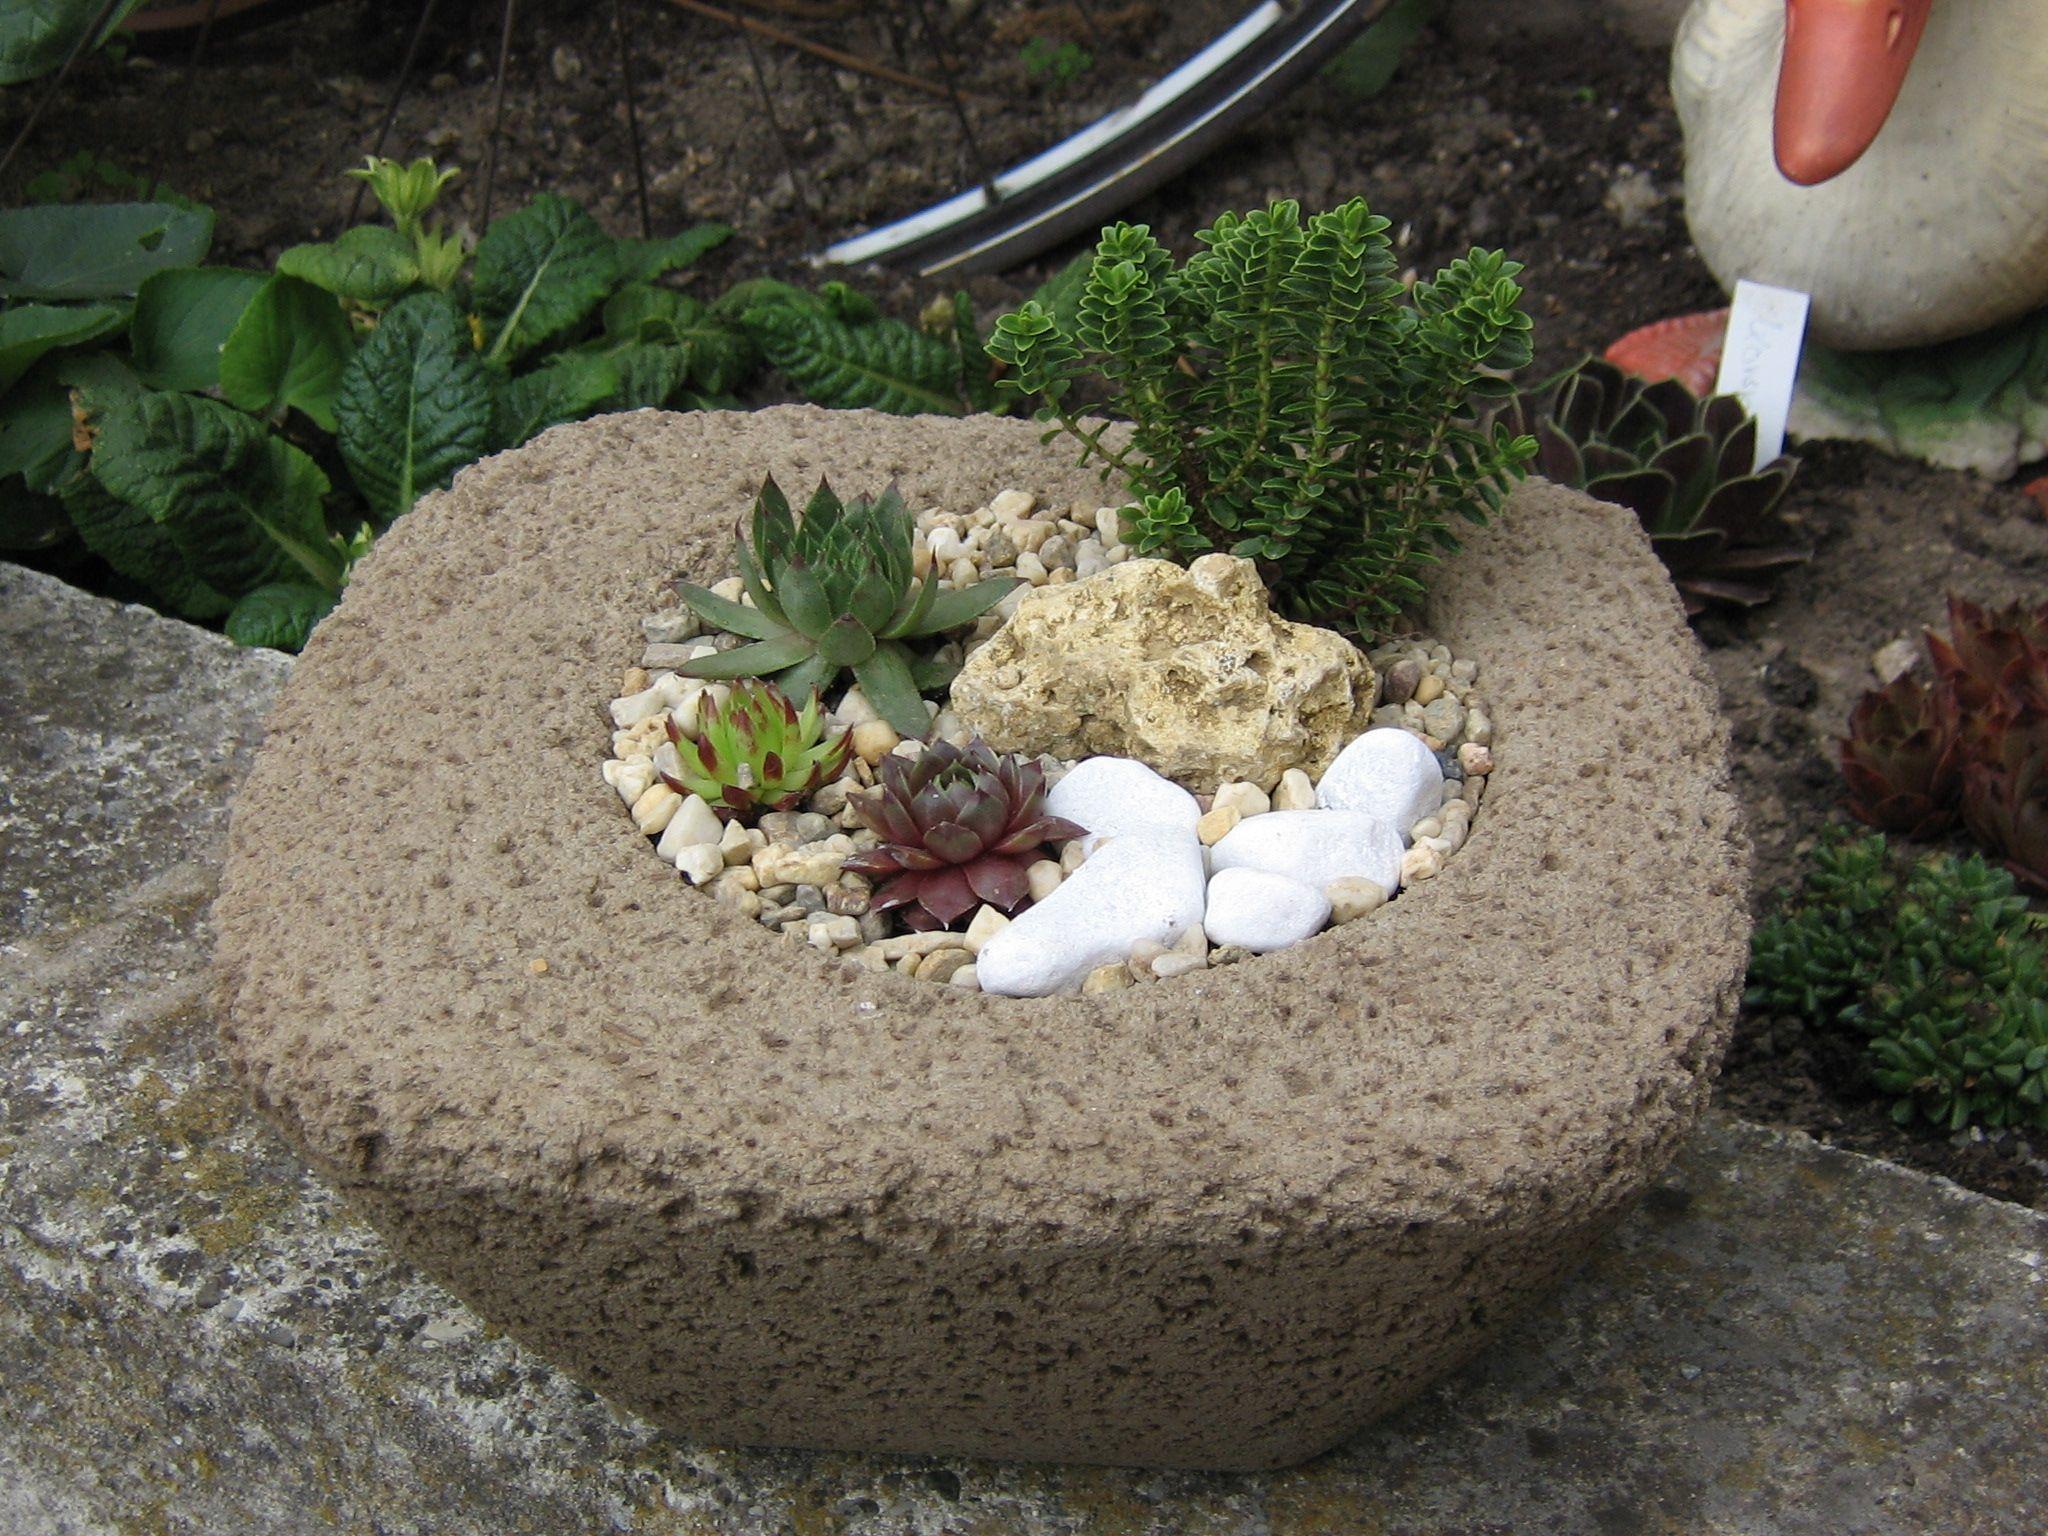 tr gle pflanzschale aus beton hypertufa garten pflanzen garten und gartenweg. Black Bedroom Furniture Sets. Home Design Ideas